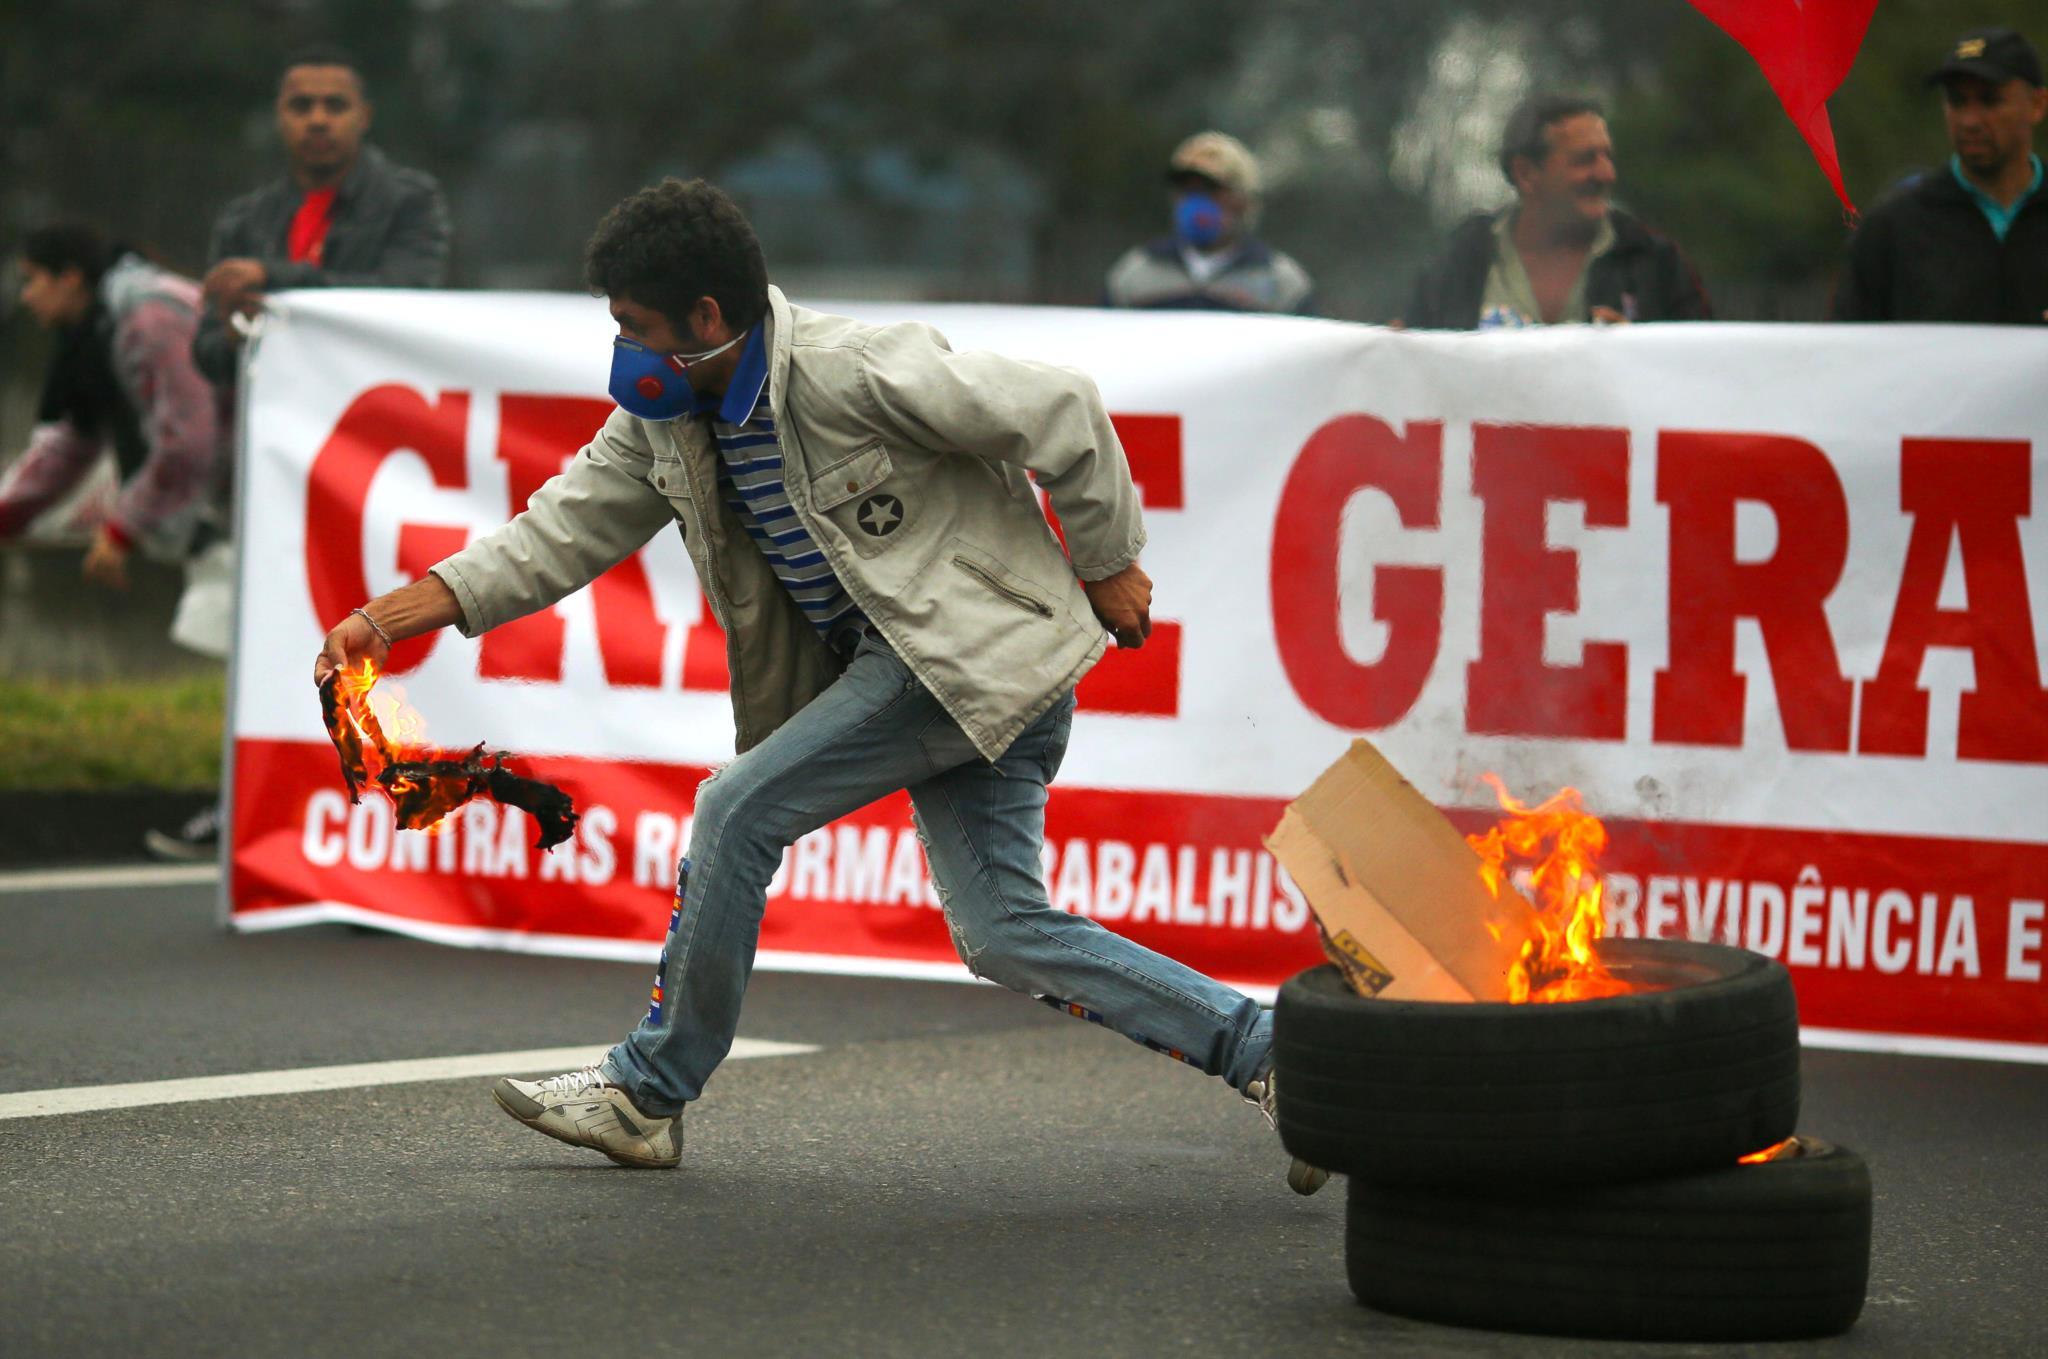 PÚBLICO - Brasil enfrenta primeira greve geral em 21 anos